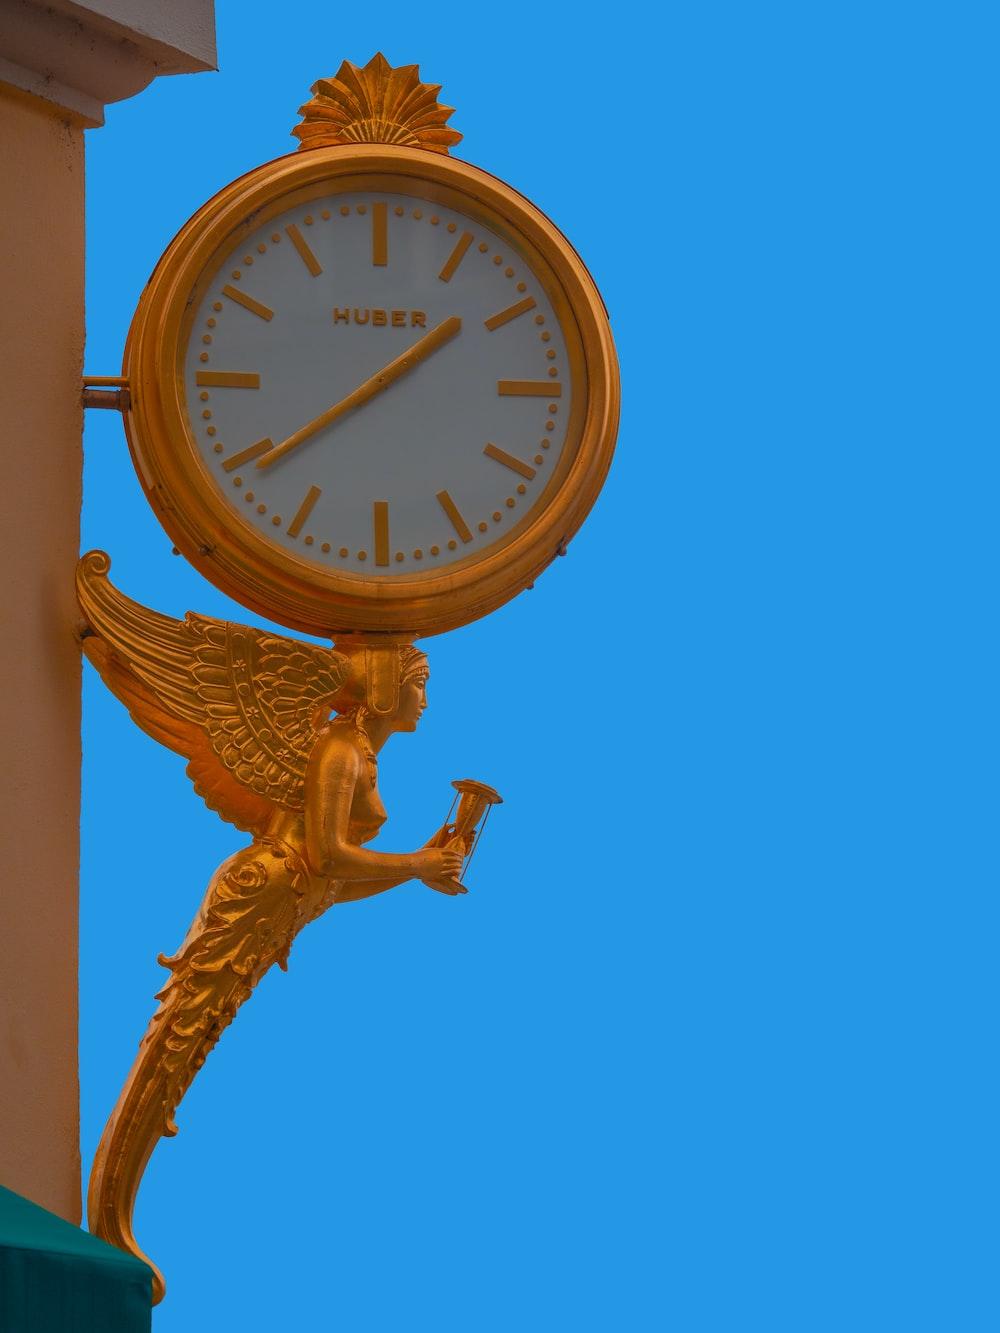 clock displaying 7:39 time